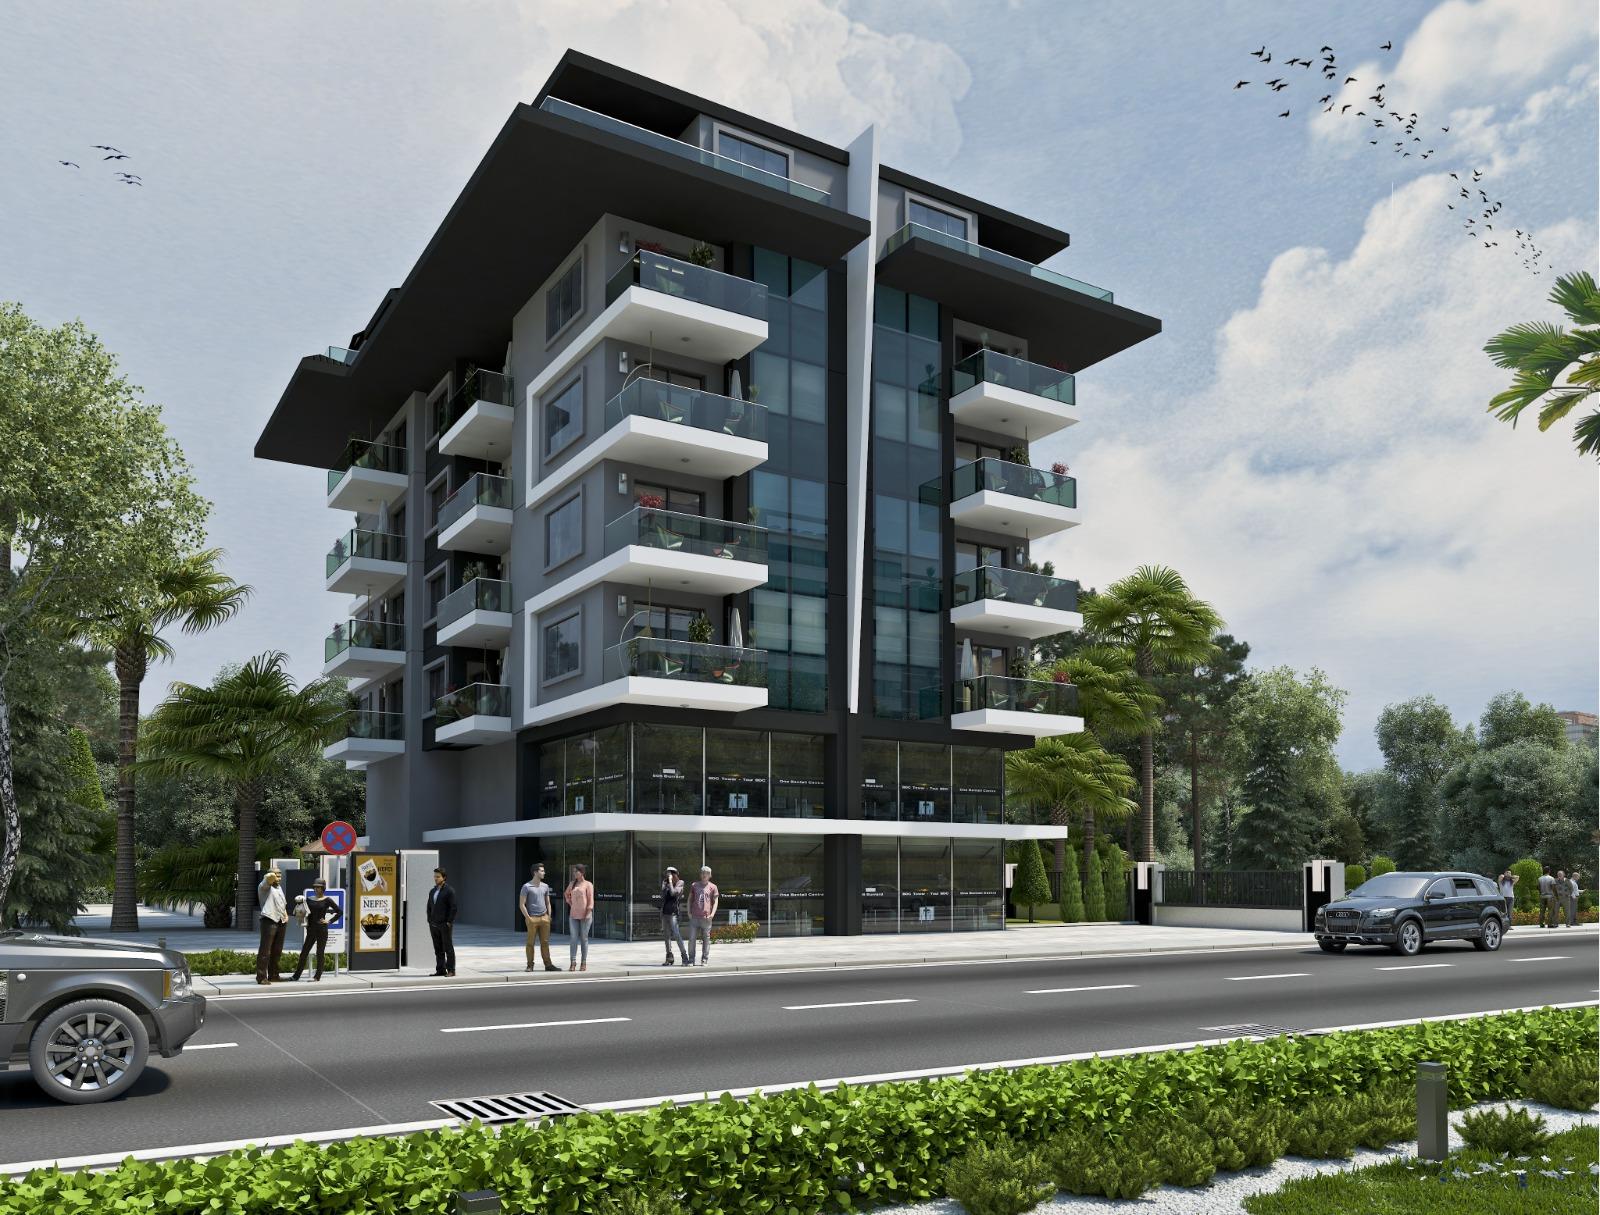 Комфортабельные квартиры в жилом комплексе на этапе строительства - Фото 2